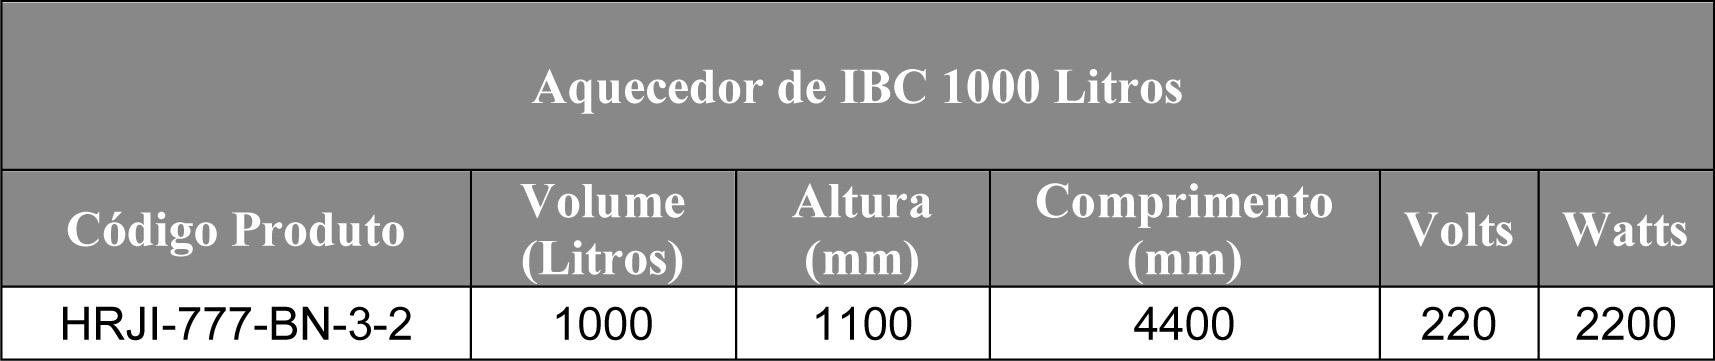 Tabela de manta aquecedora de container IBC